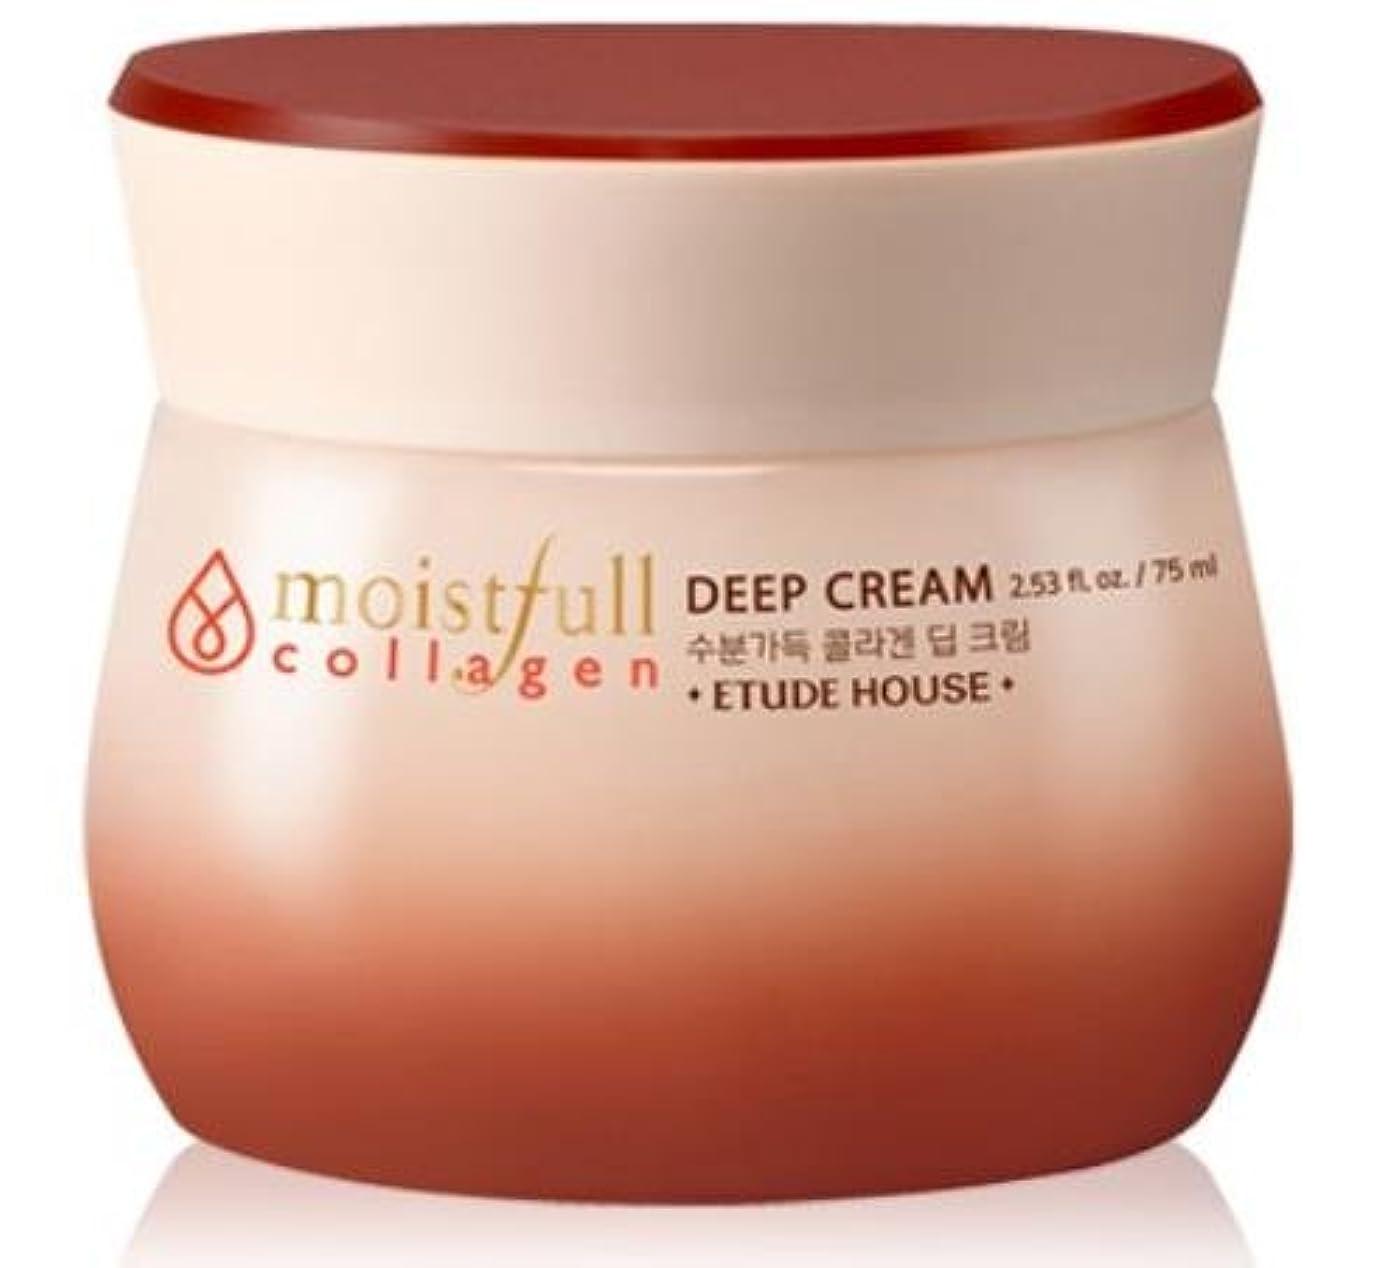 決定する南方の東方[エチュードハウス] ETUDE HOUSE [モイストフルコラーゲ 深いクリーム] (Moistfull Collagen Deep Cream) [並行輸入品]